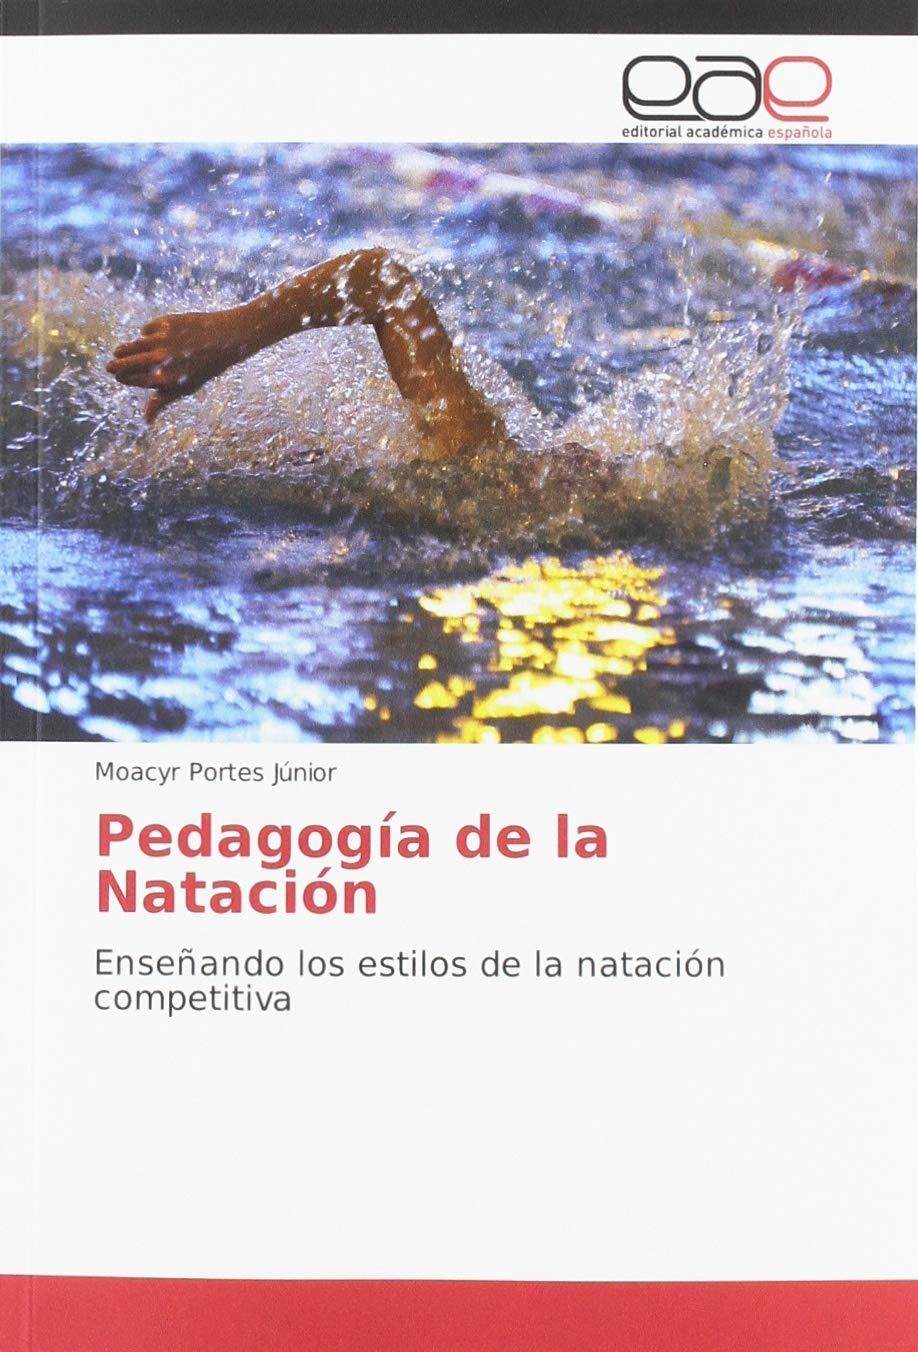 Pedagogía de la Natación: Enseñando los estilos de la natación competitiva: Amazon.es: Portes Júnior, Moacyr: Libros